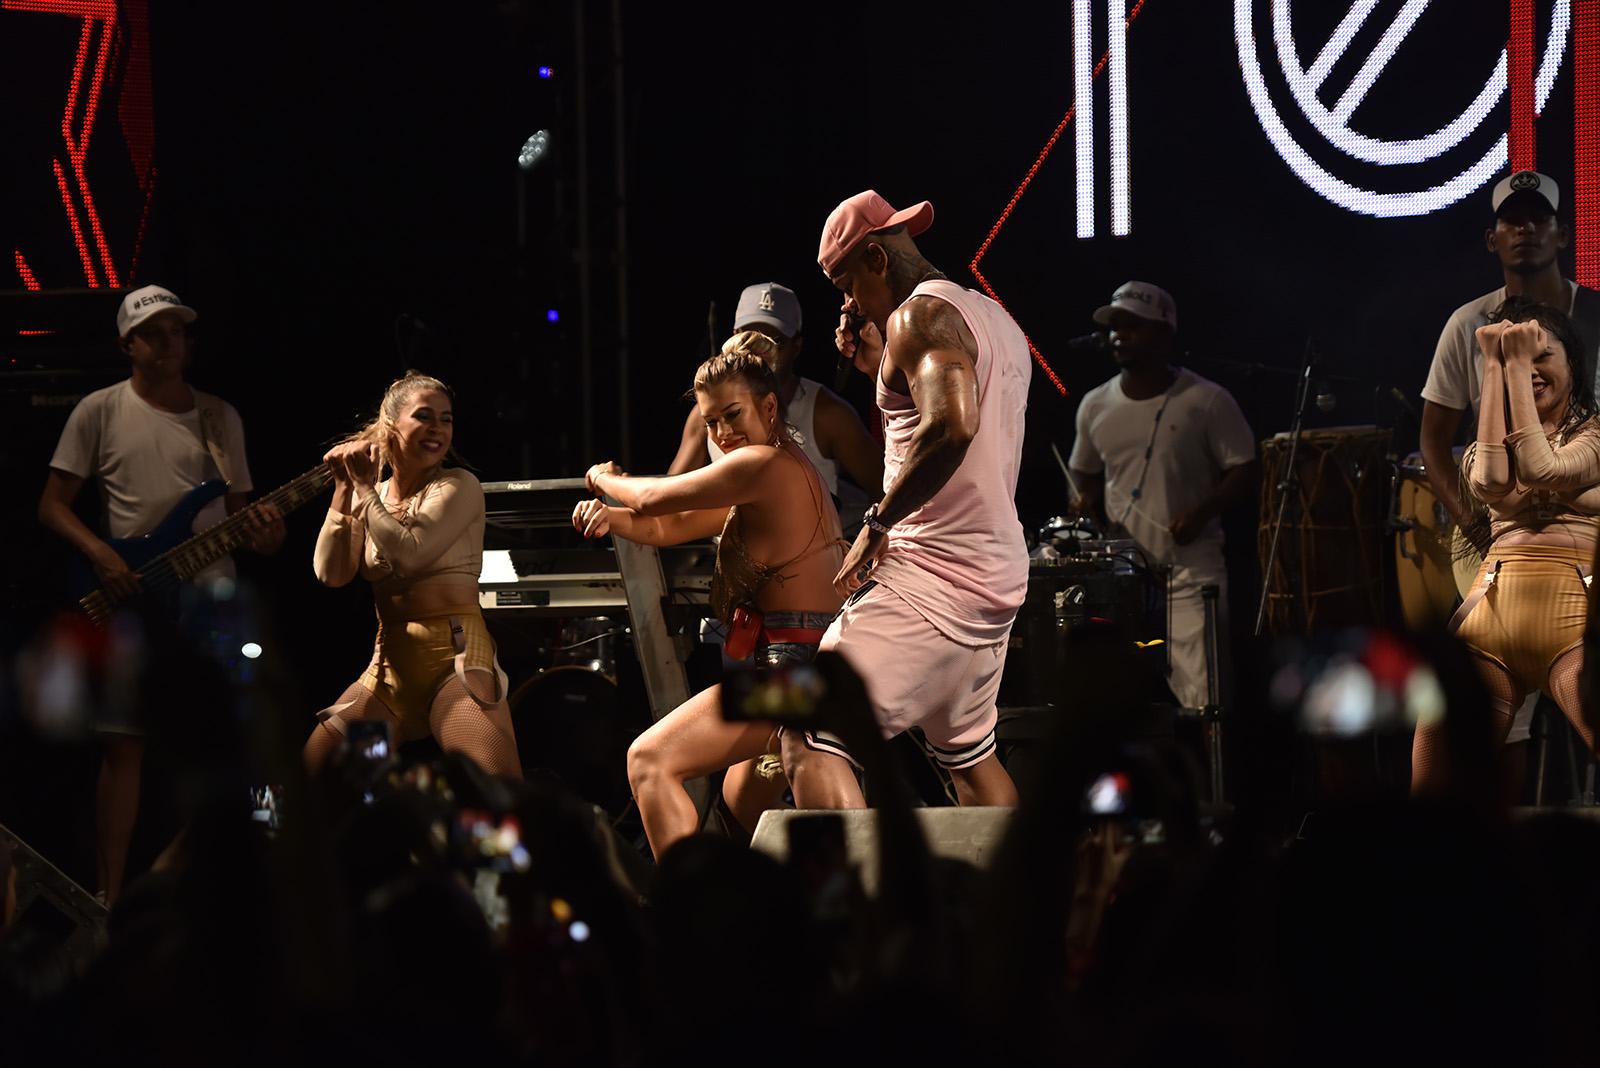 Na noite de segunda (12), Léo dançou com a namorada, Lore Improta, no Camarote Club